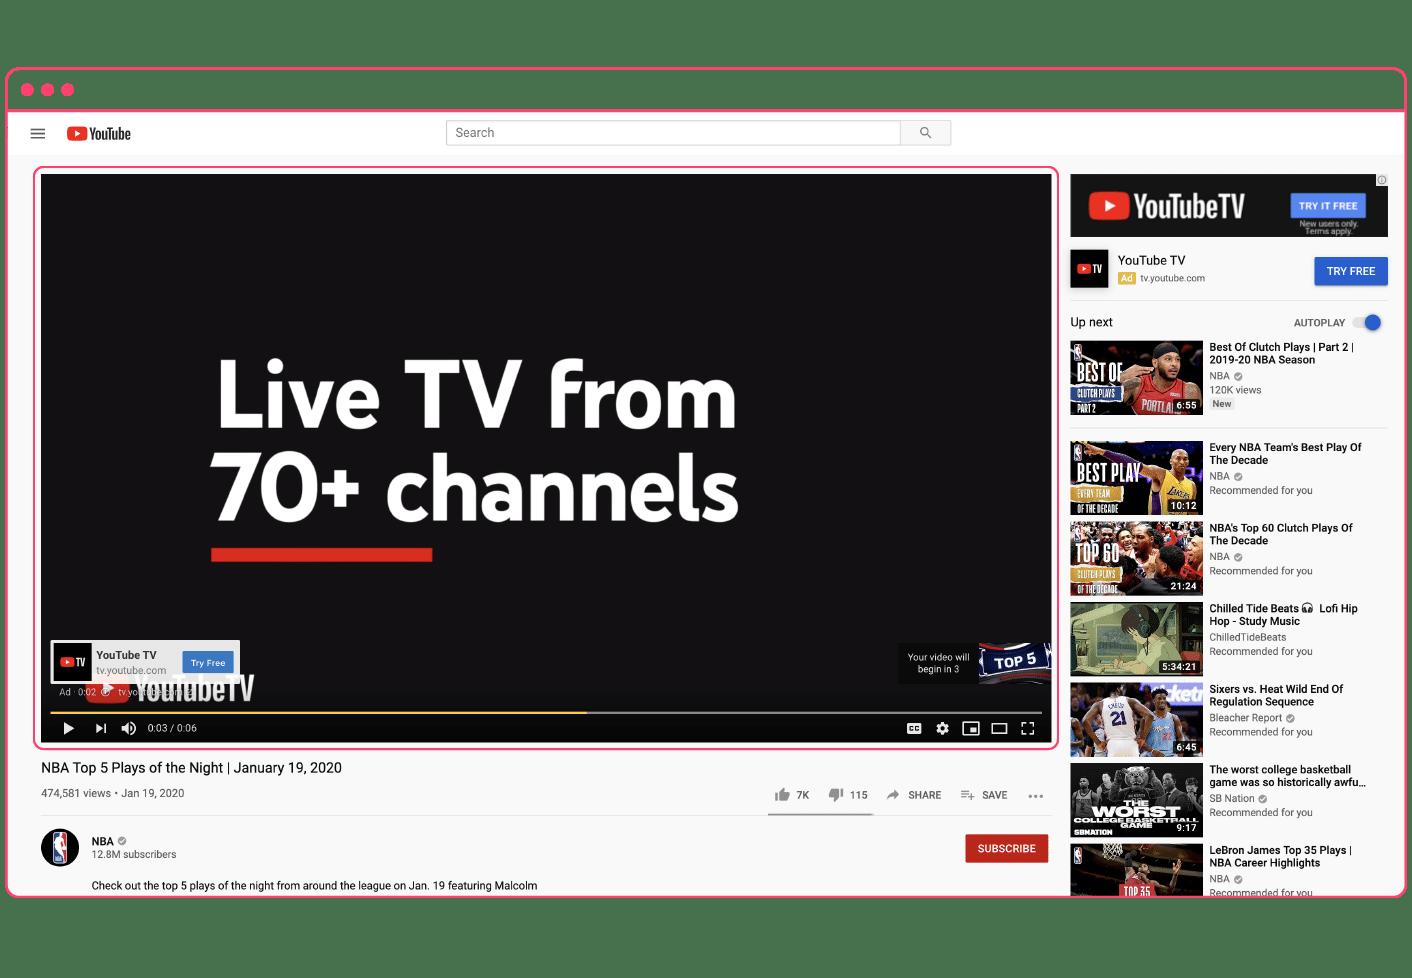 YouTube bumper ad